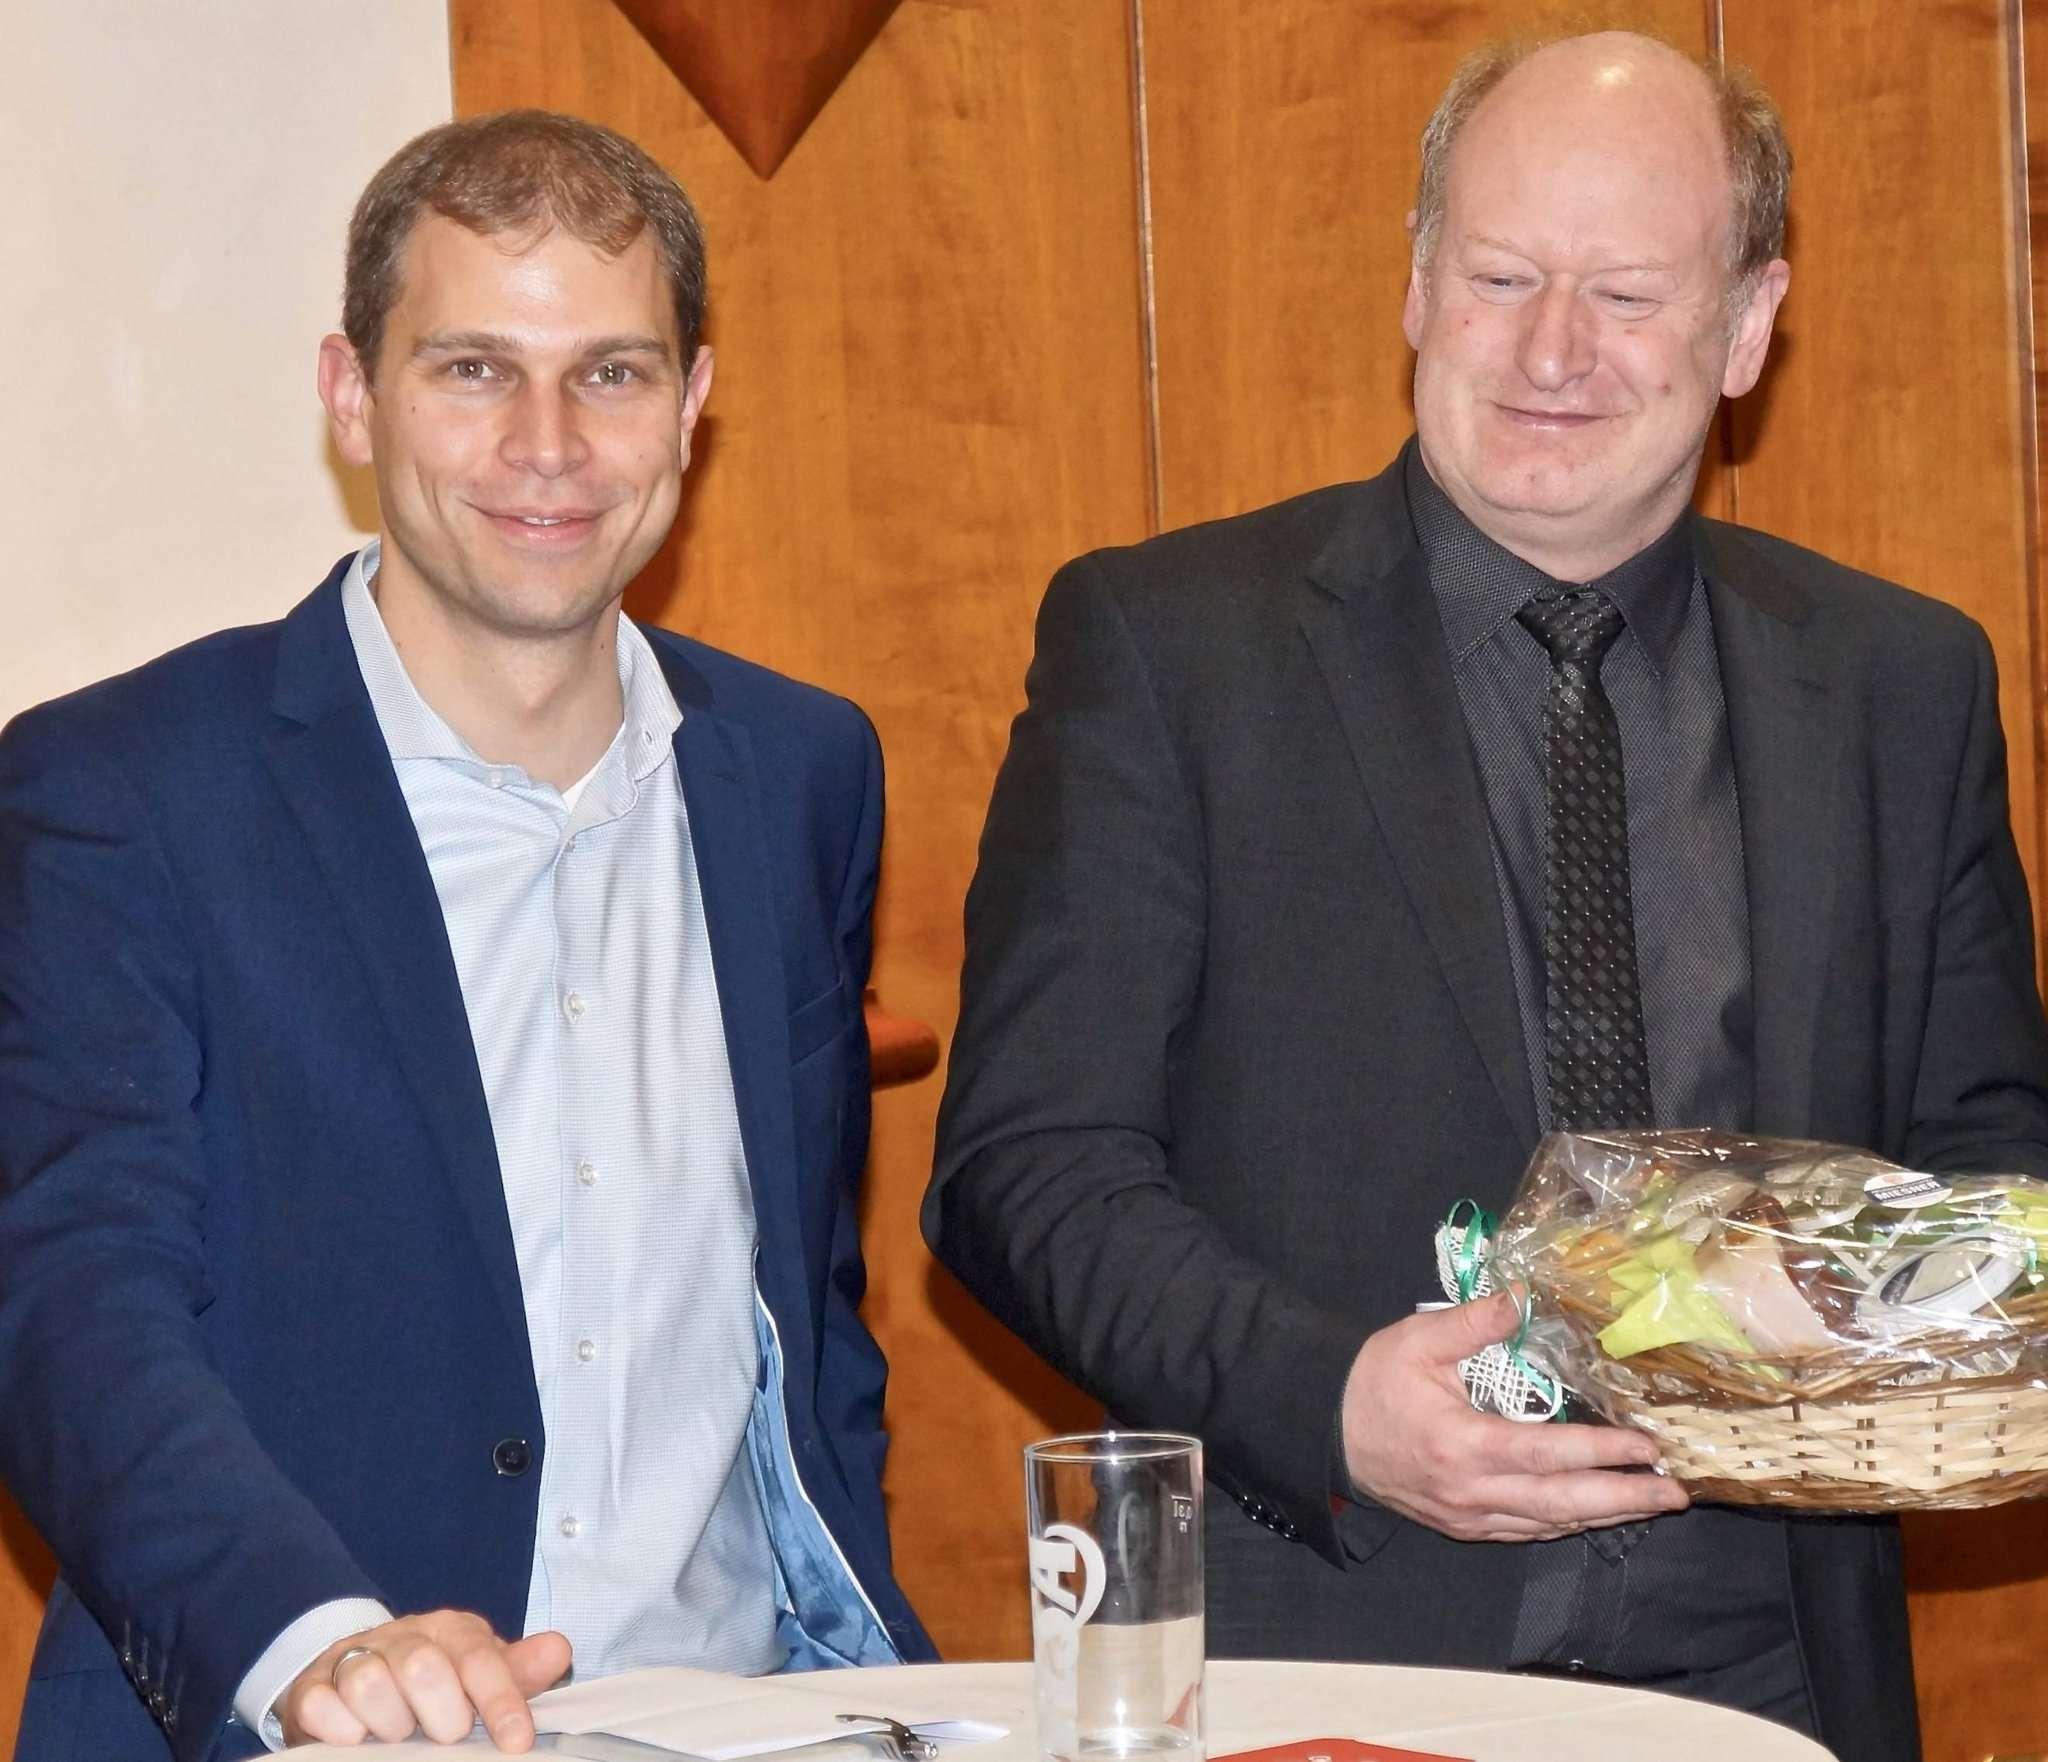 Eike Holsten (links) und Reinhold Hilbers diskutierten mit Bürgern über die Zukunft Niedersachsens. Foto: Hans-Jörg Werth